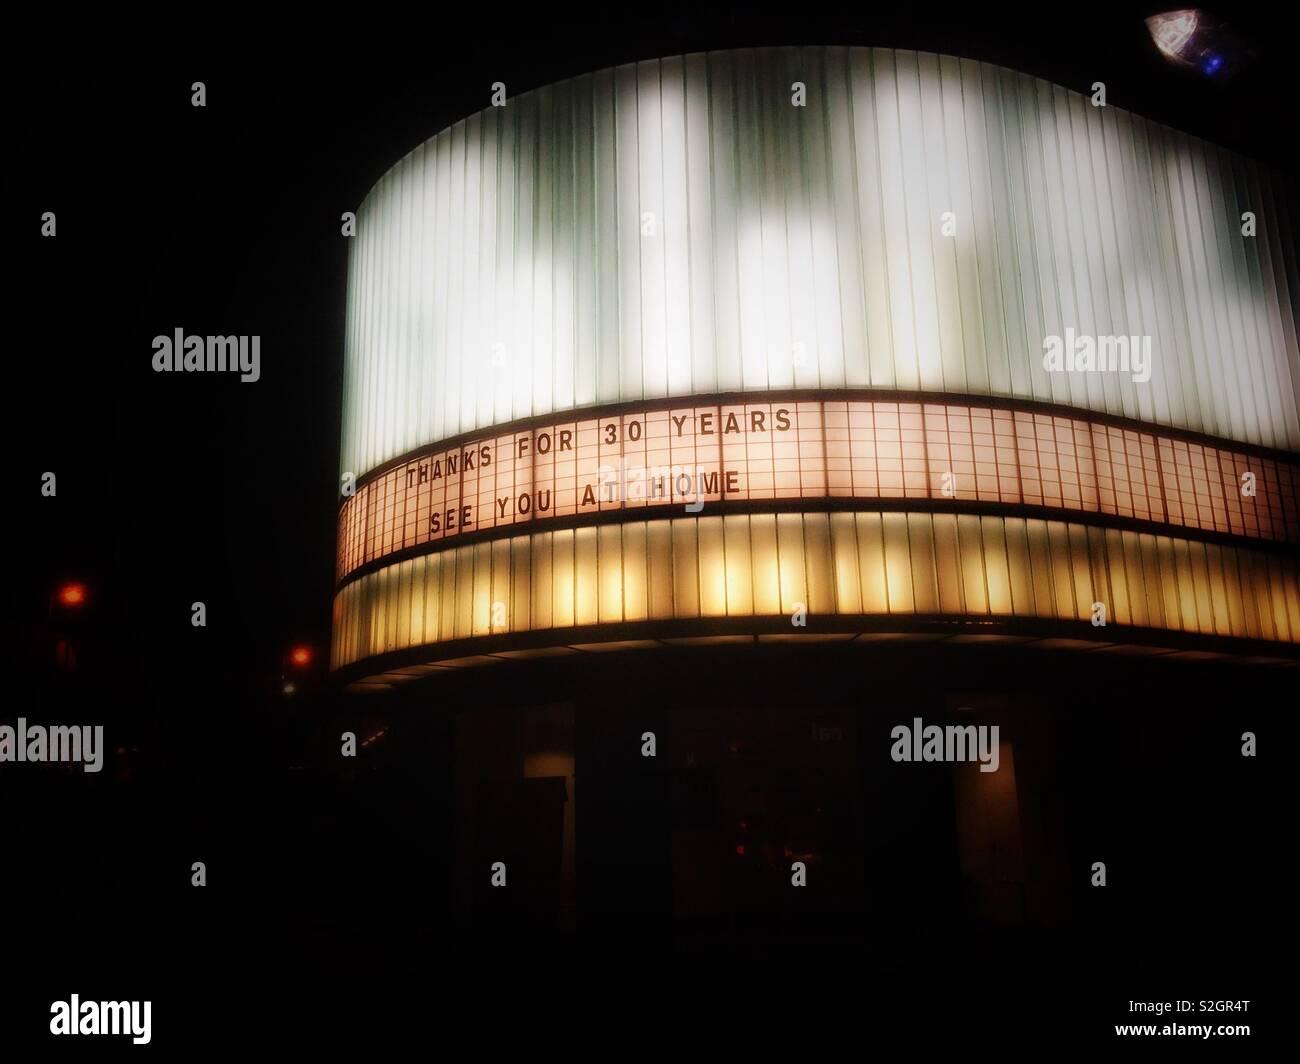 El mensaje de despedida en el cine Cornerhouse en Manchester. Imagen De Stock